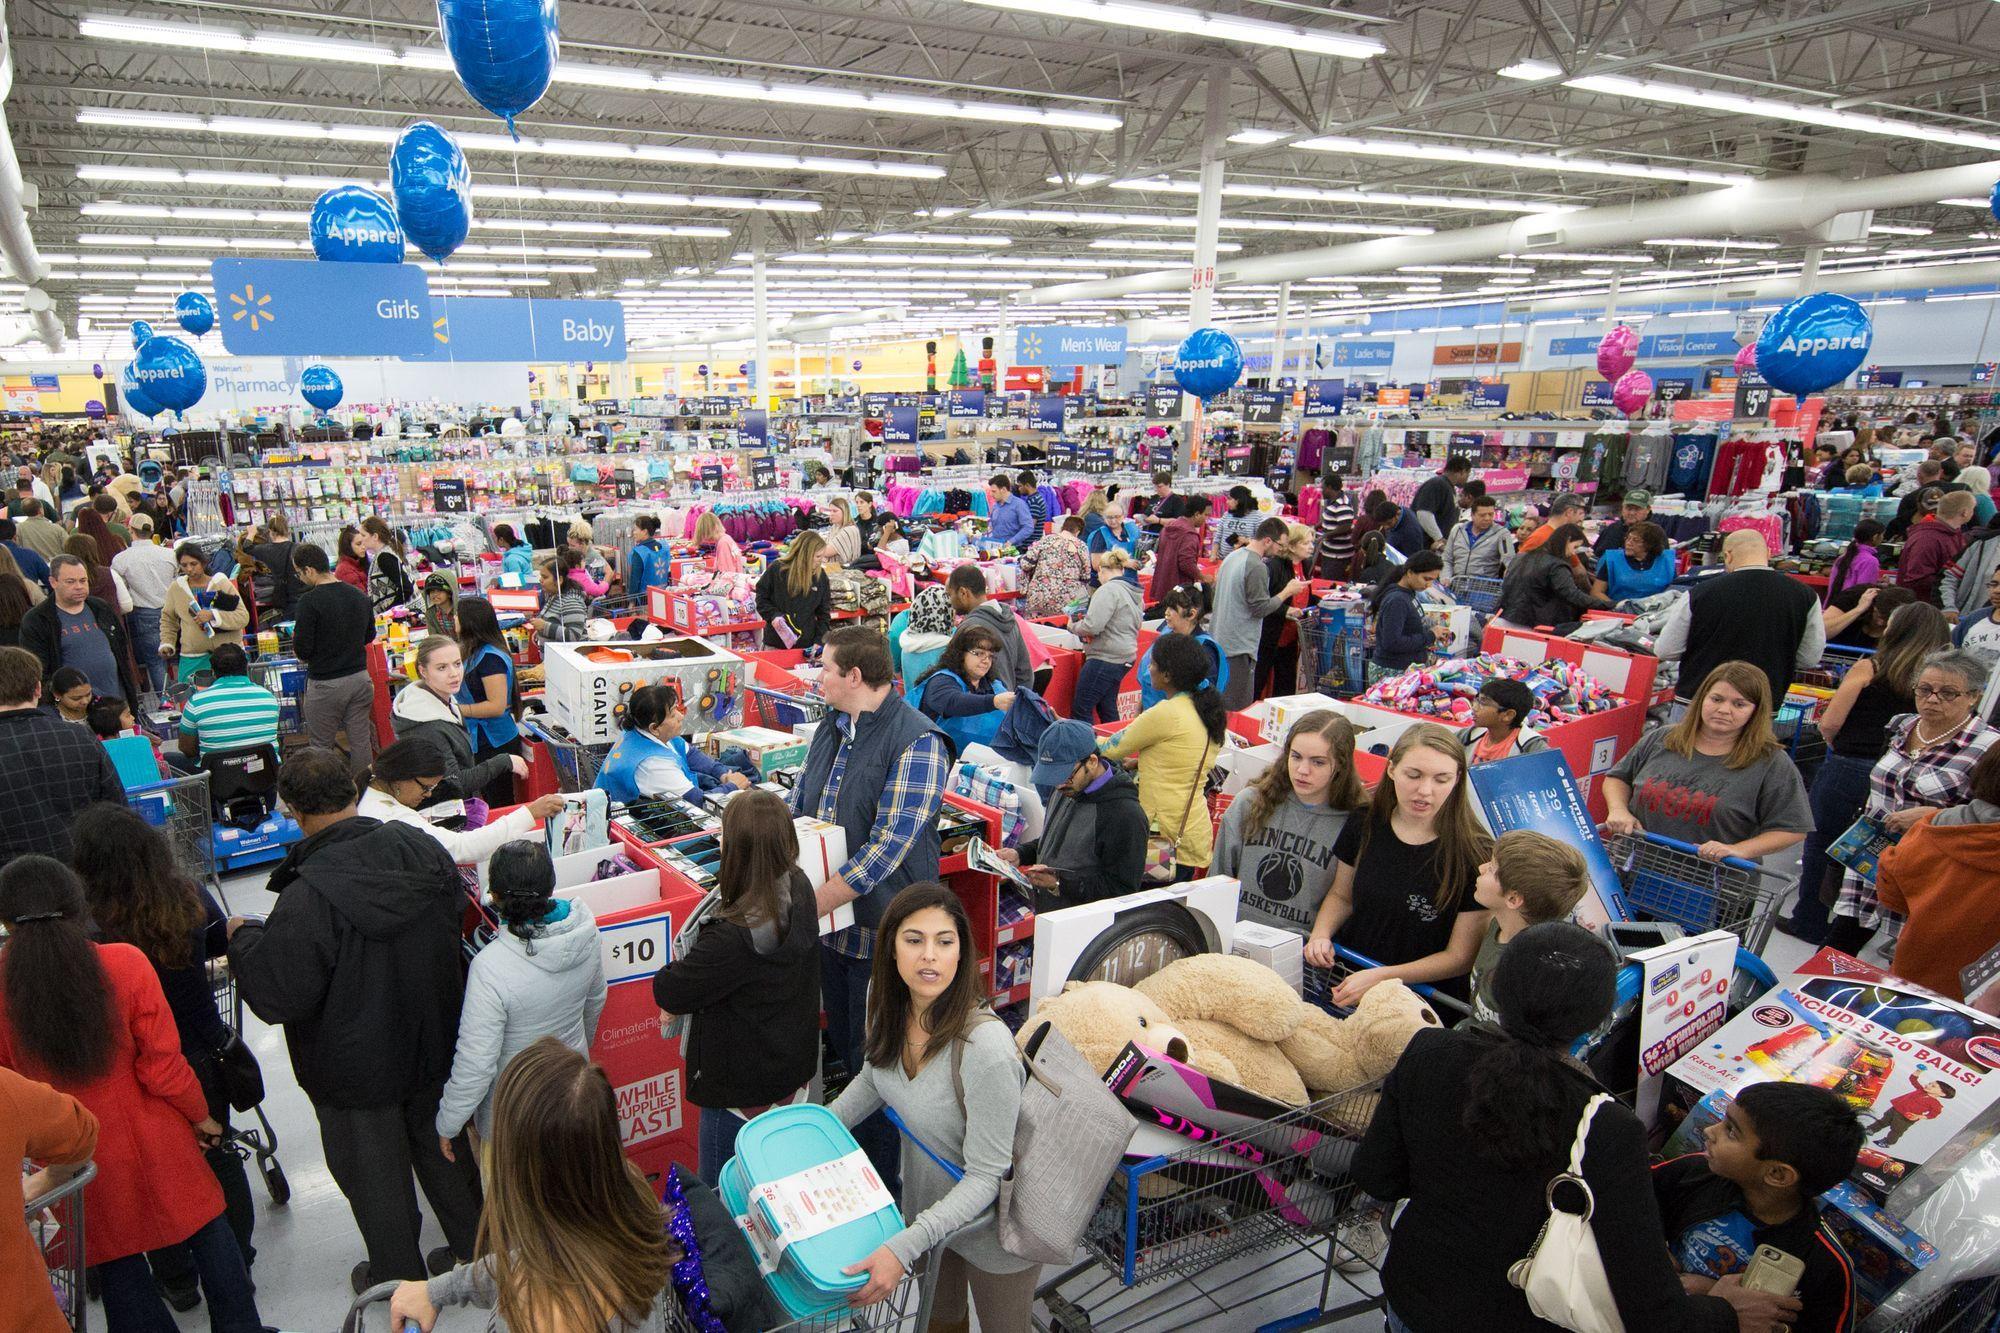 Φωτογραφία του καταστήματος Walmart γεμάτο ανθρώπους τη Black Friday